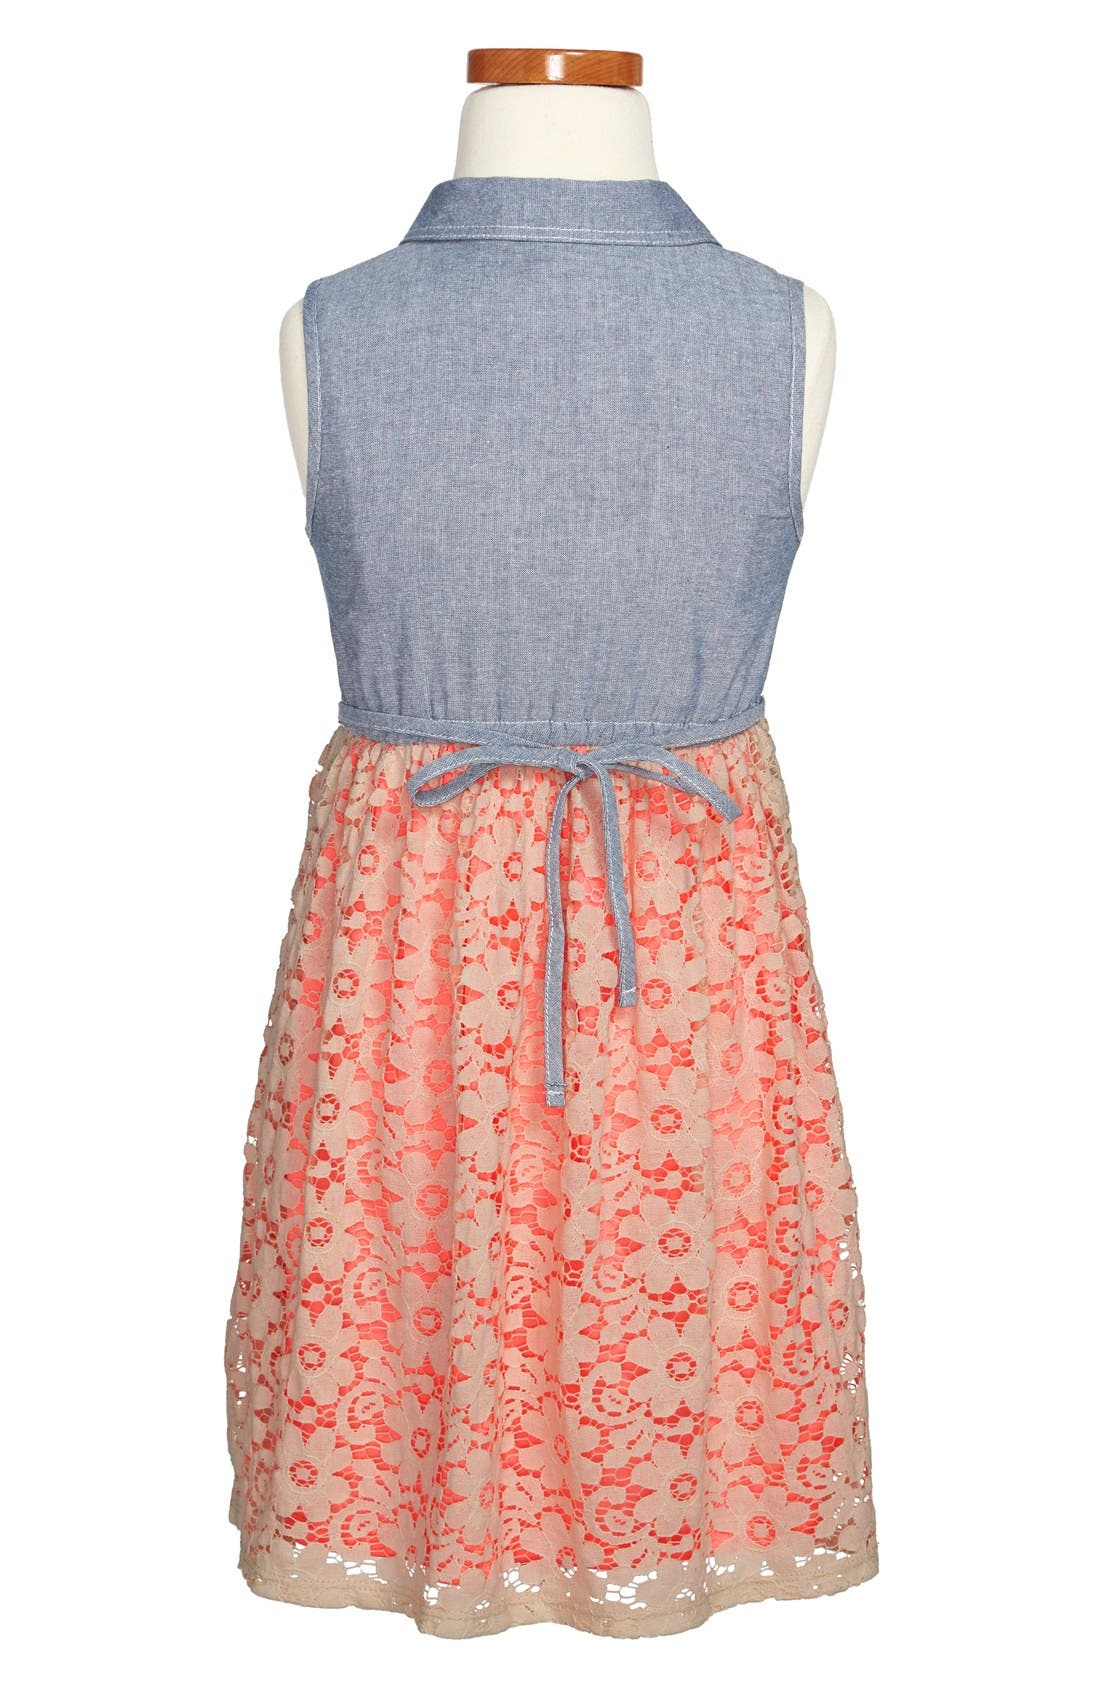 Alternate Image 2  - Zunie Chambray & Lace Dress (Little Girls & Big Girls)